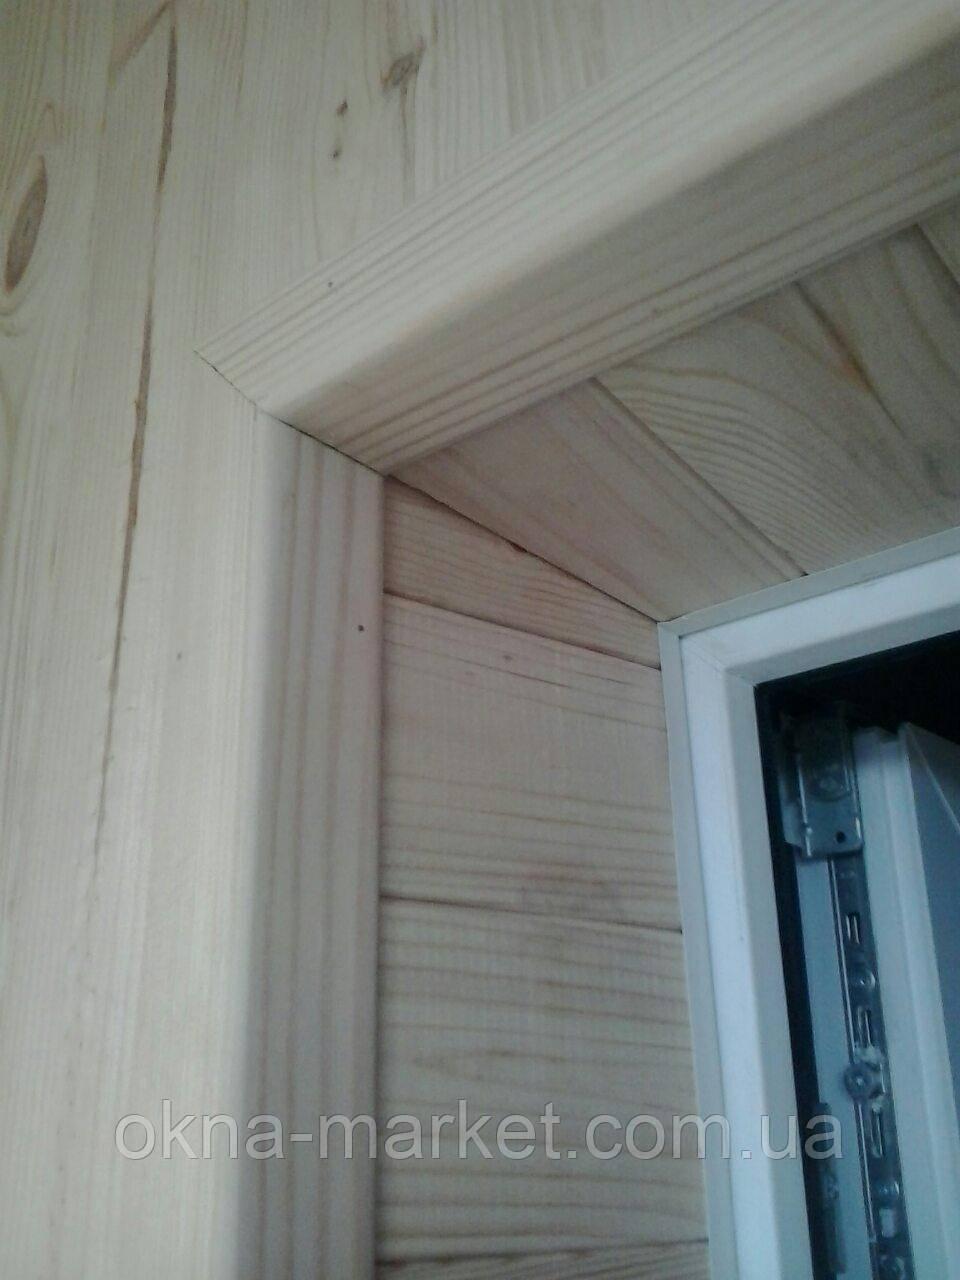 Обшивка балконів дерев'яною вагонкою